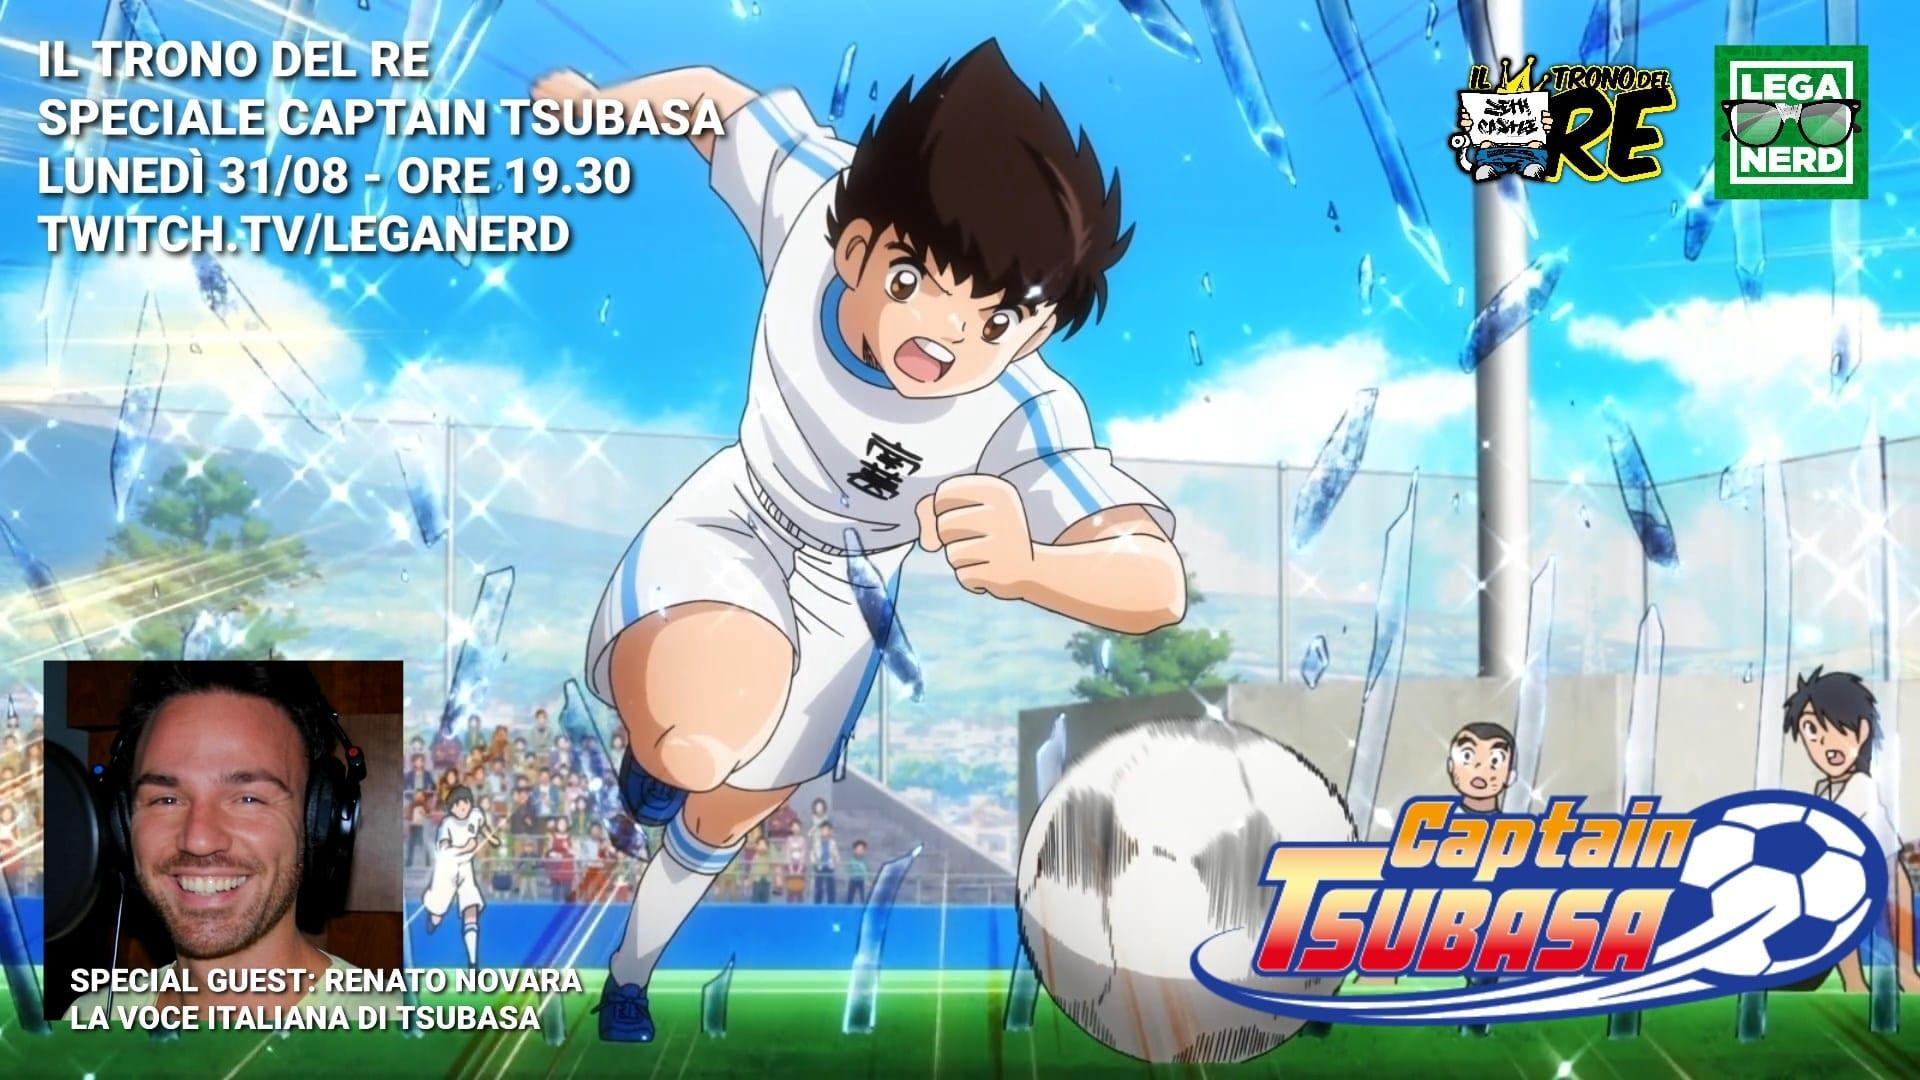 Il Trono del Re: Speciale Captain Tsubasa con Renato Novara